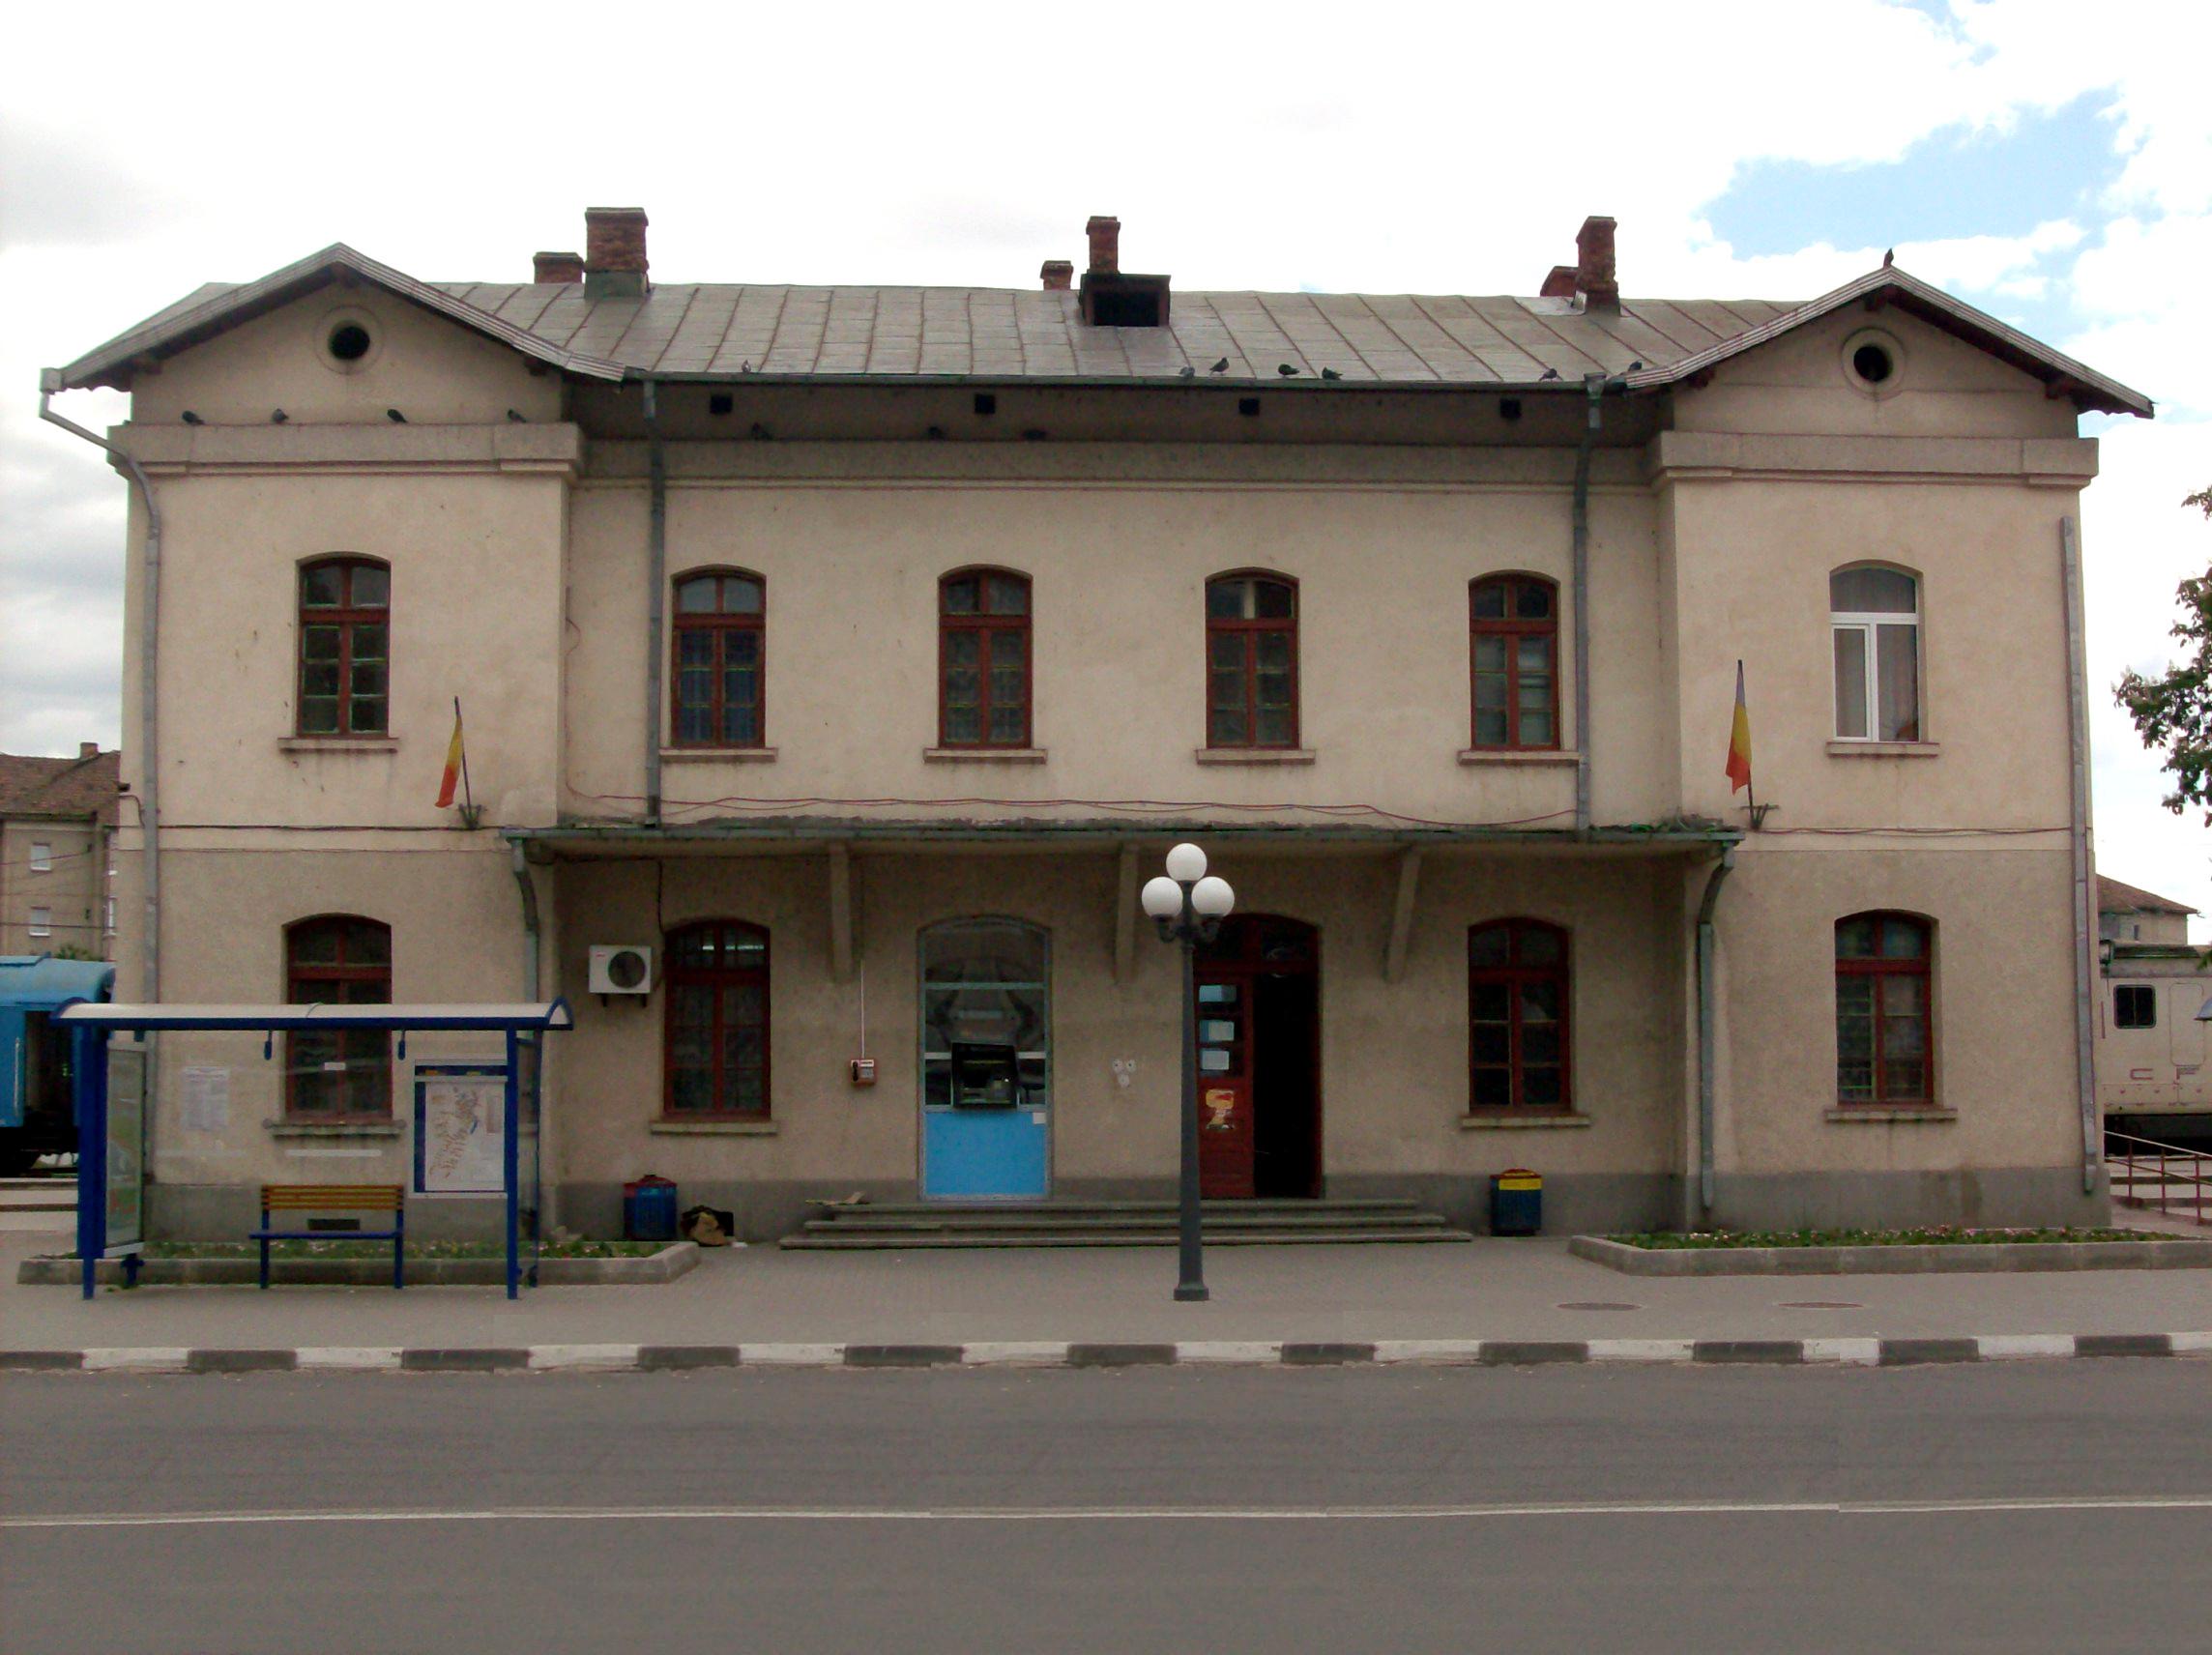 Gara Râmnicu Vâlcea - Wikipedia